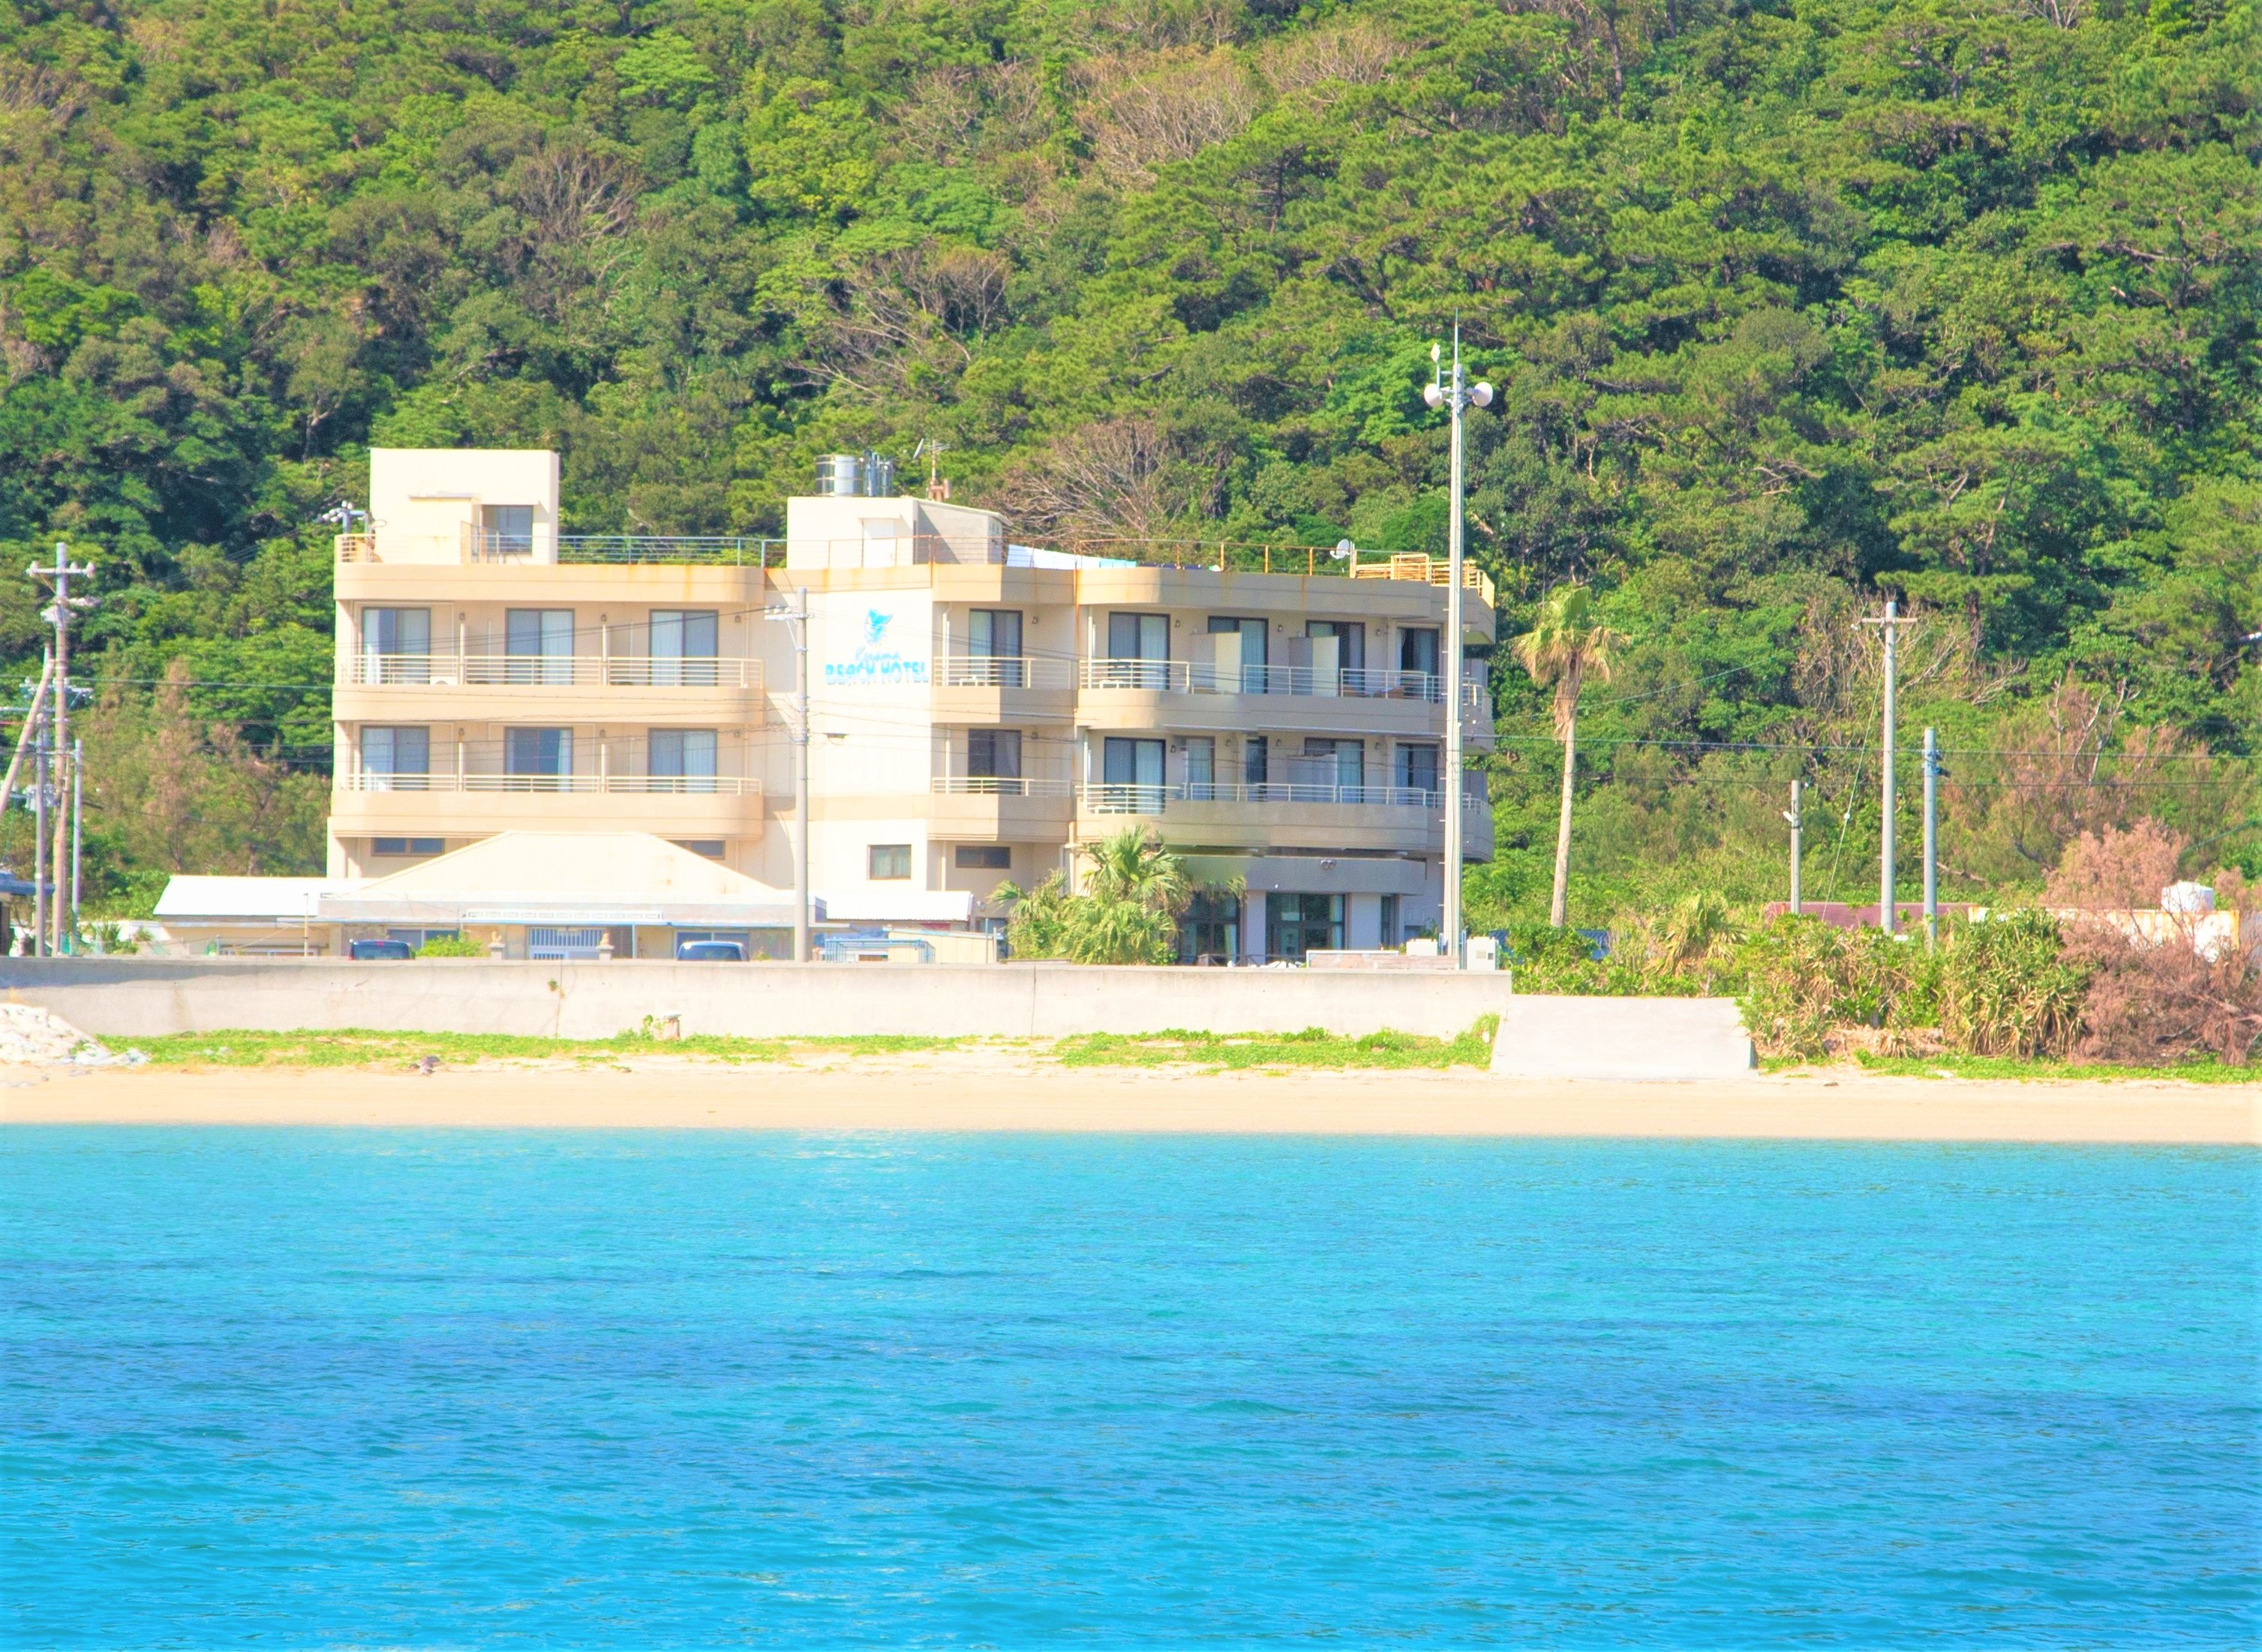 ケラマ ビーチ ホテル◆楽天トラベル